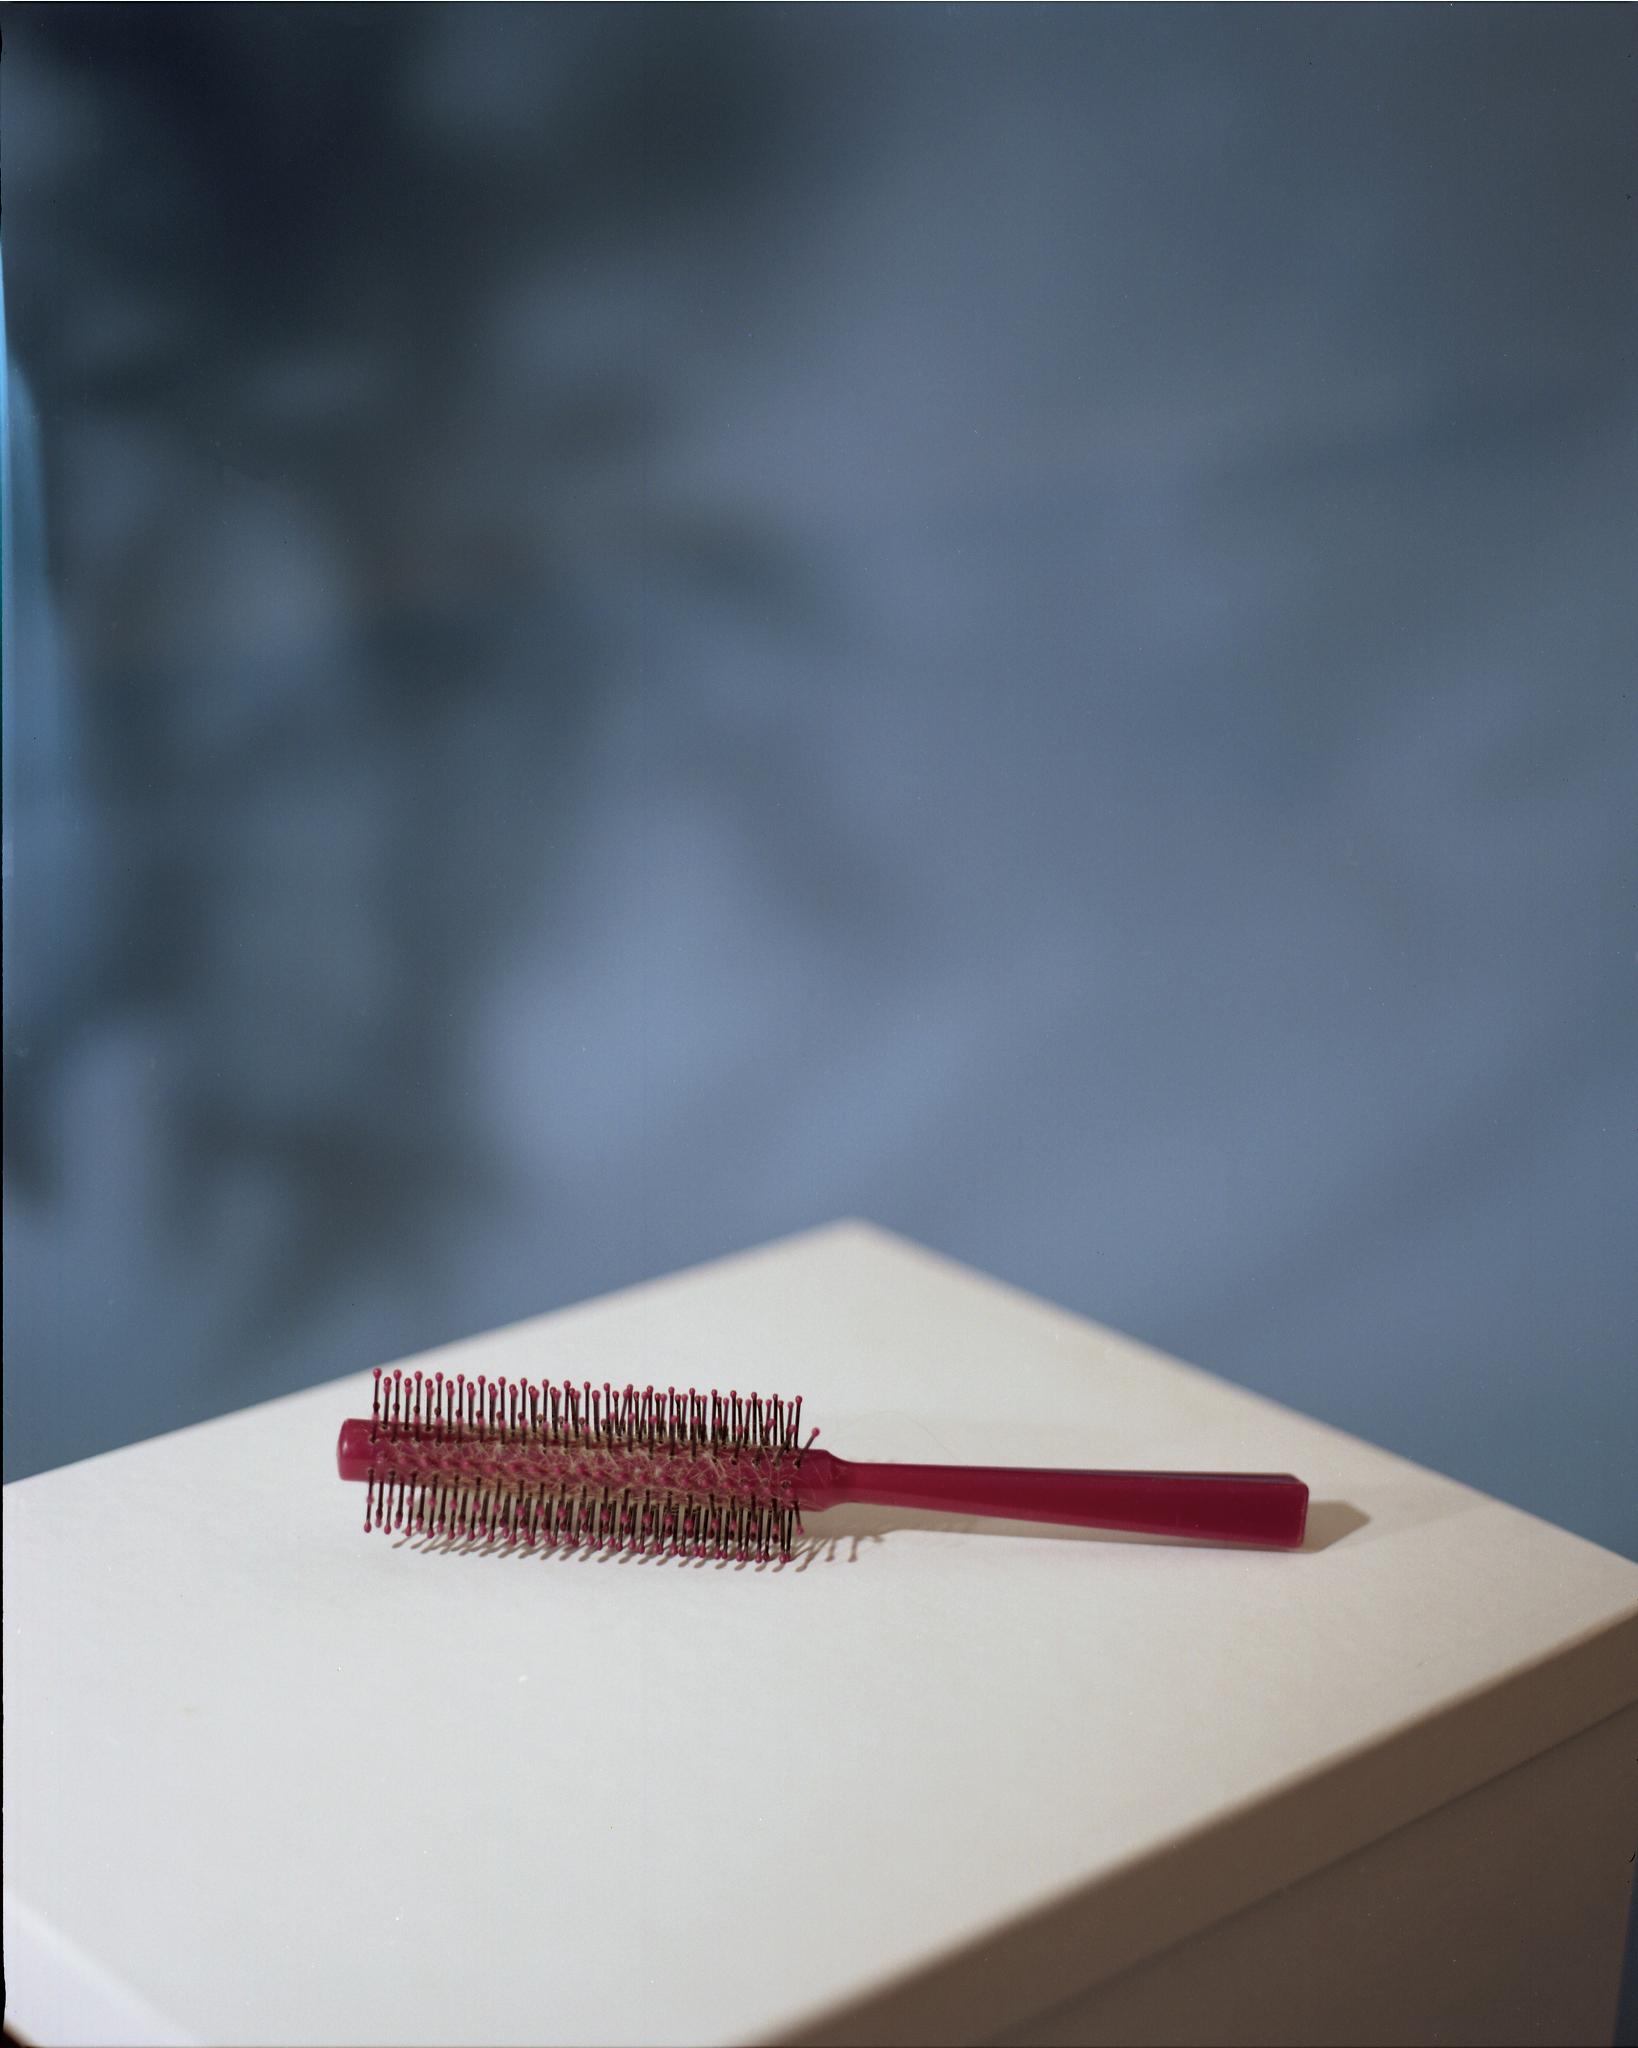 Oma's comb, 2019